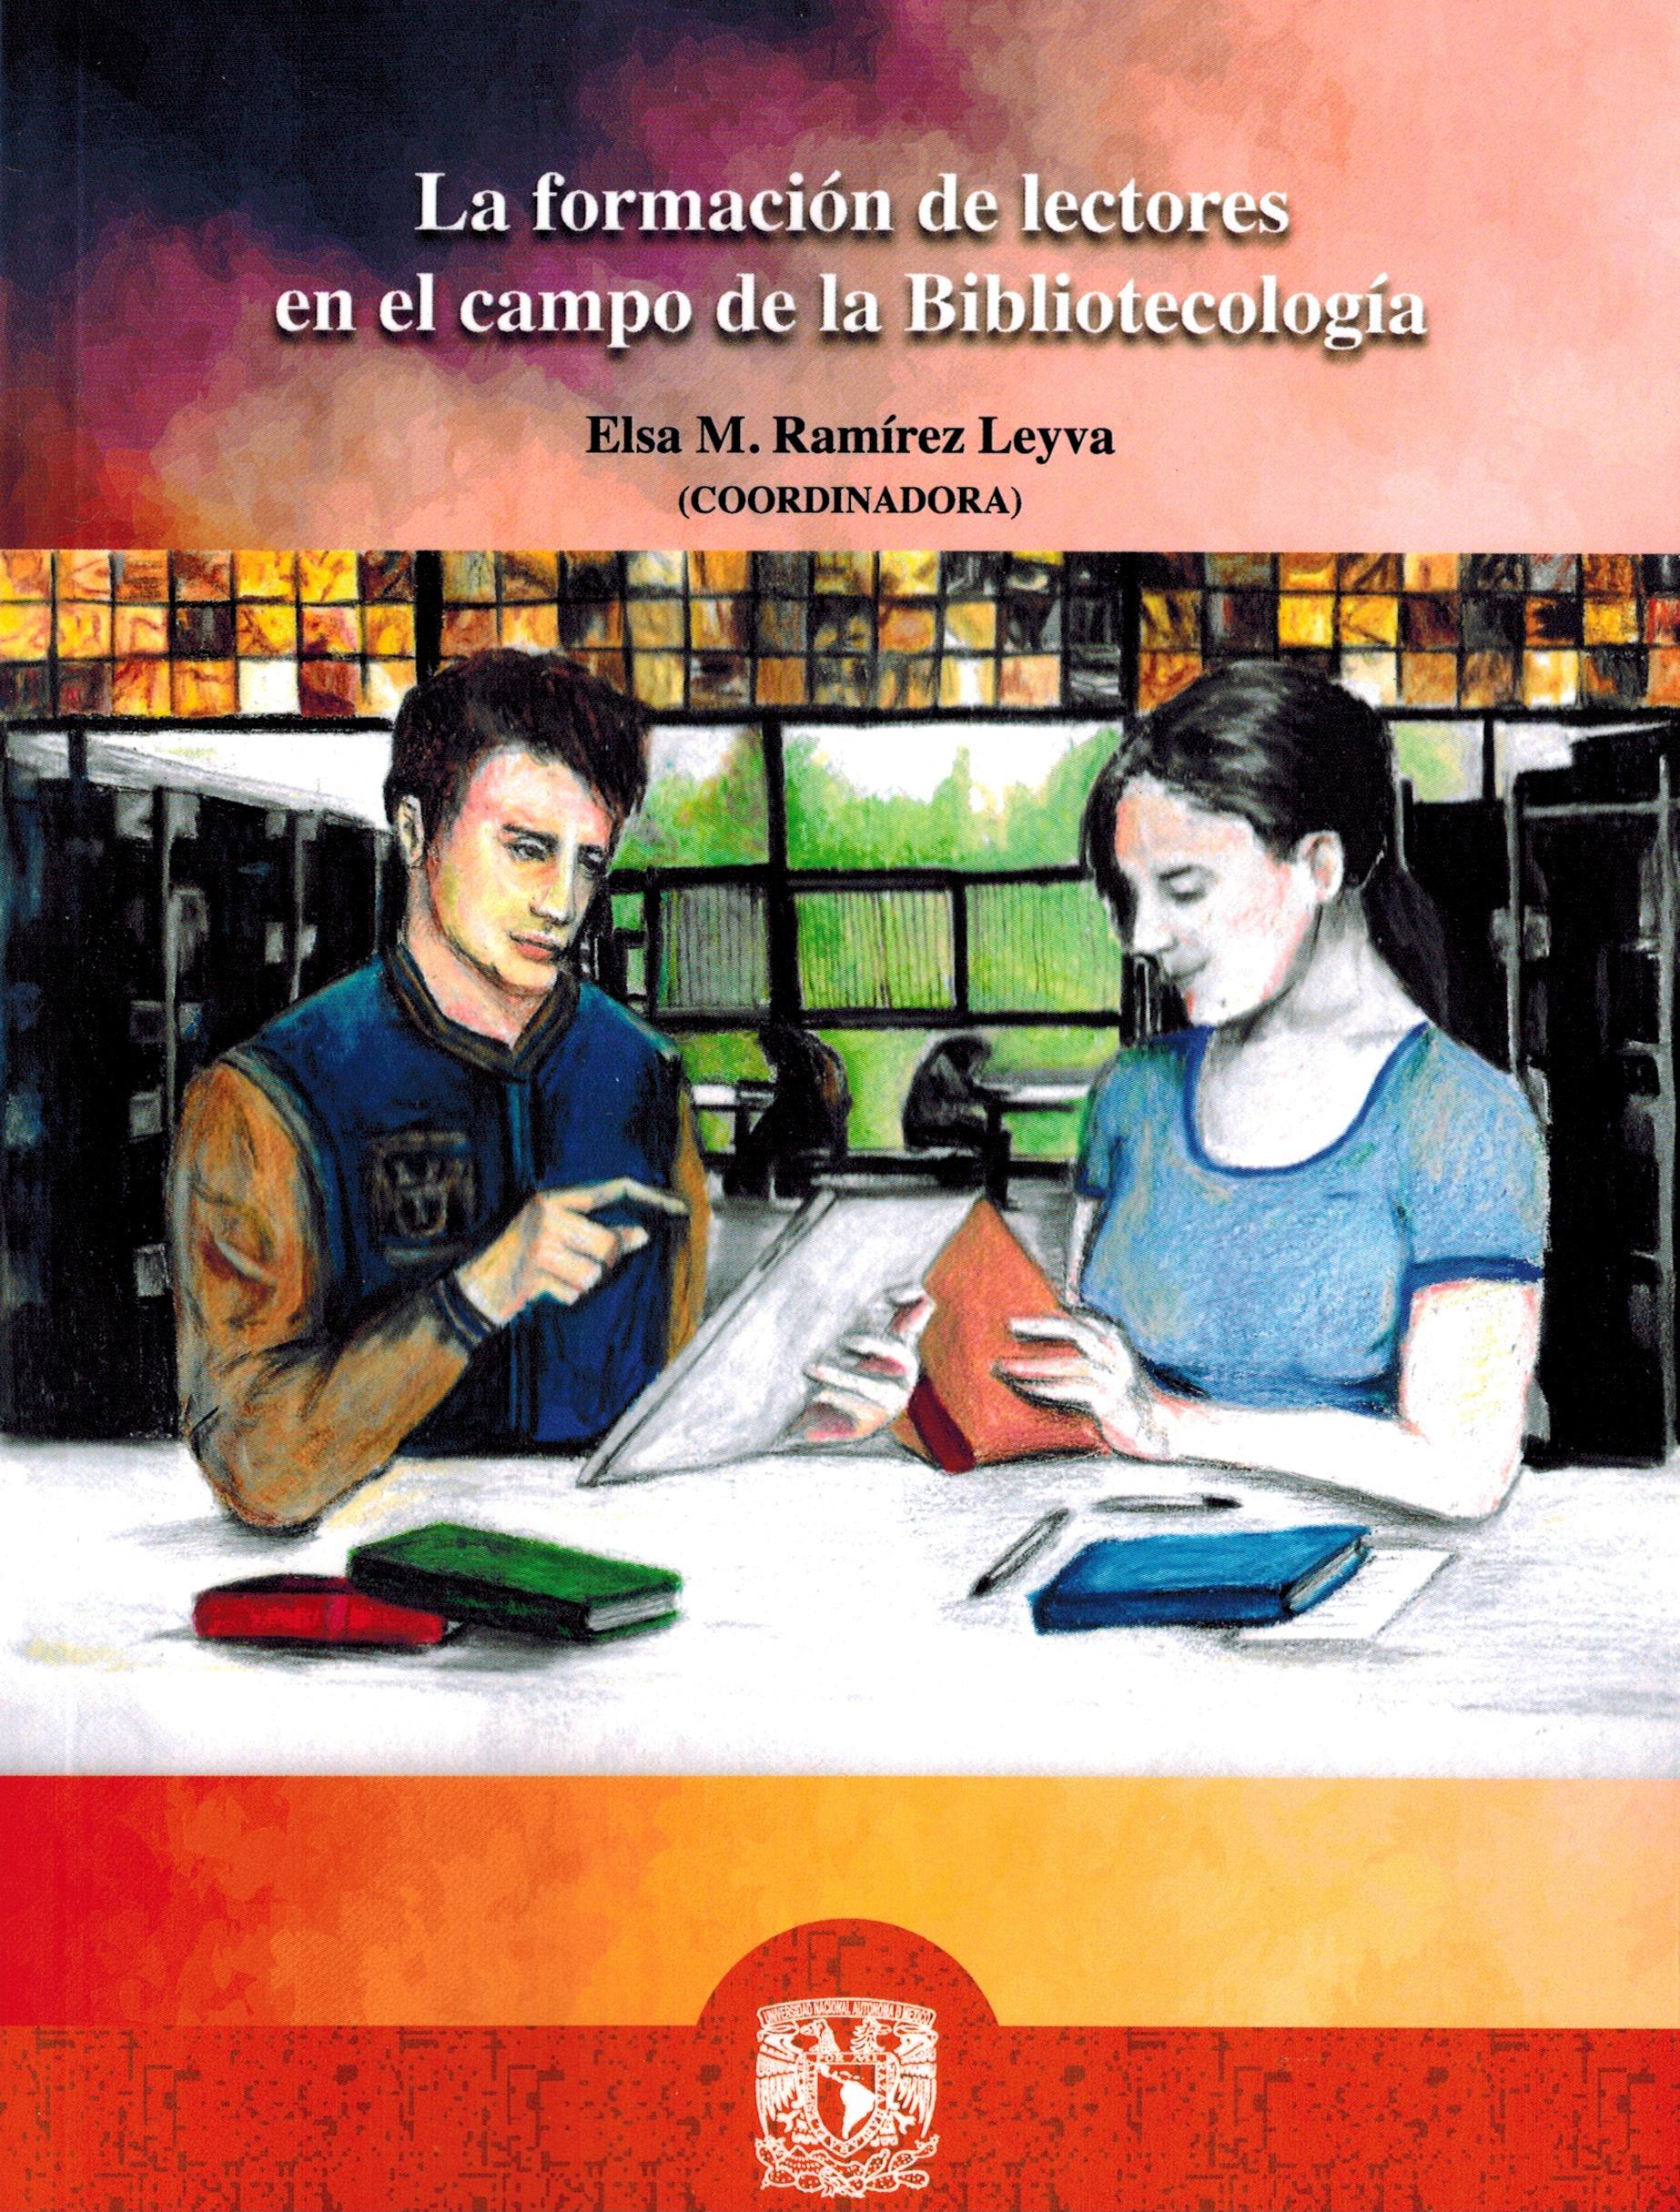 La formación de lectores en el campo de la Bibliotecología